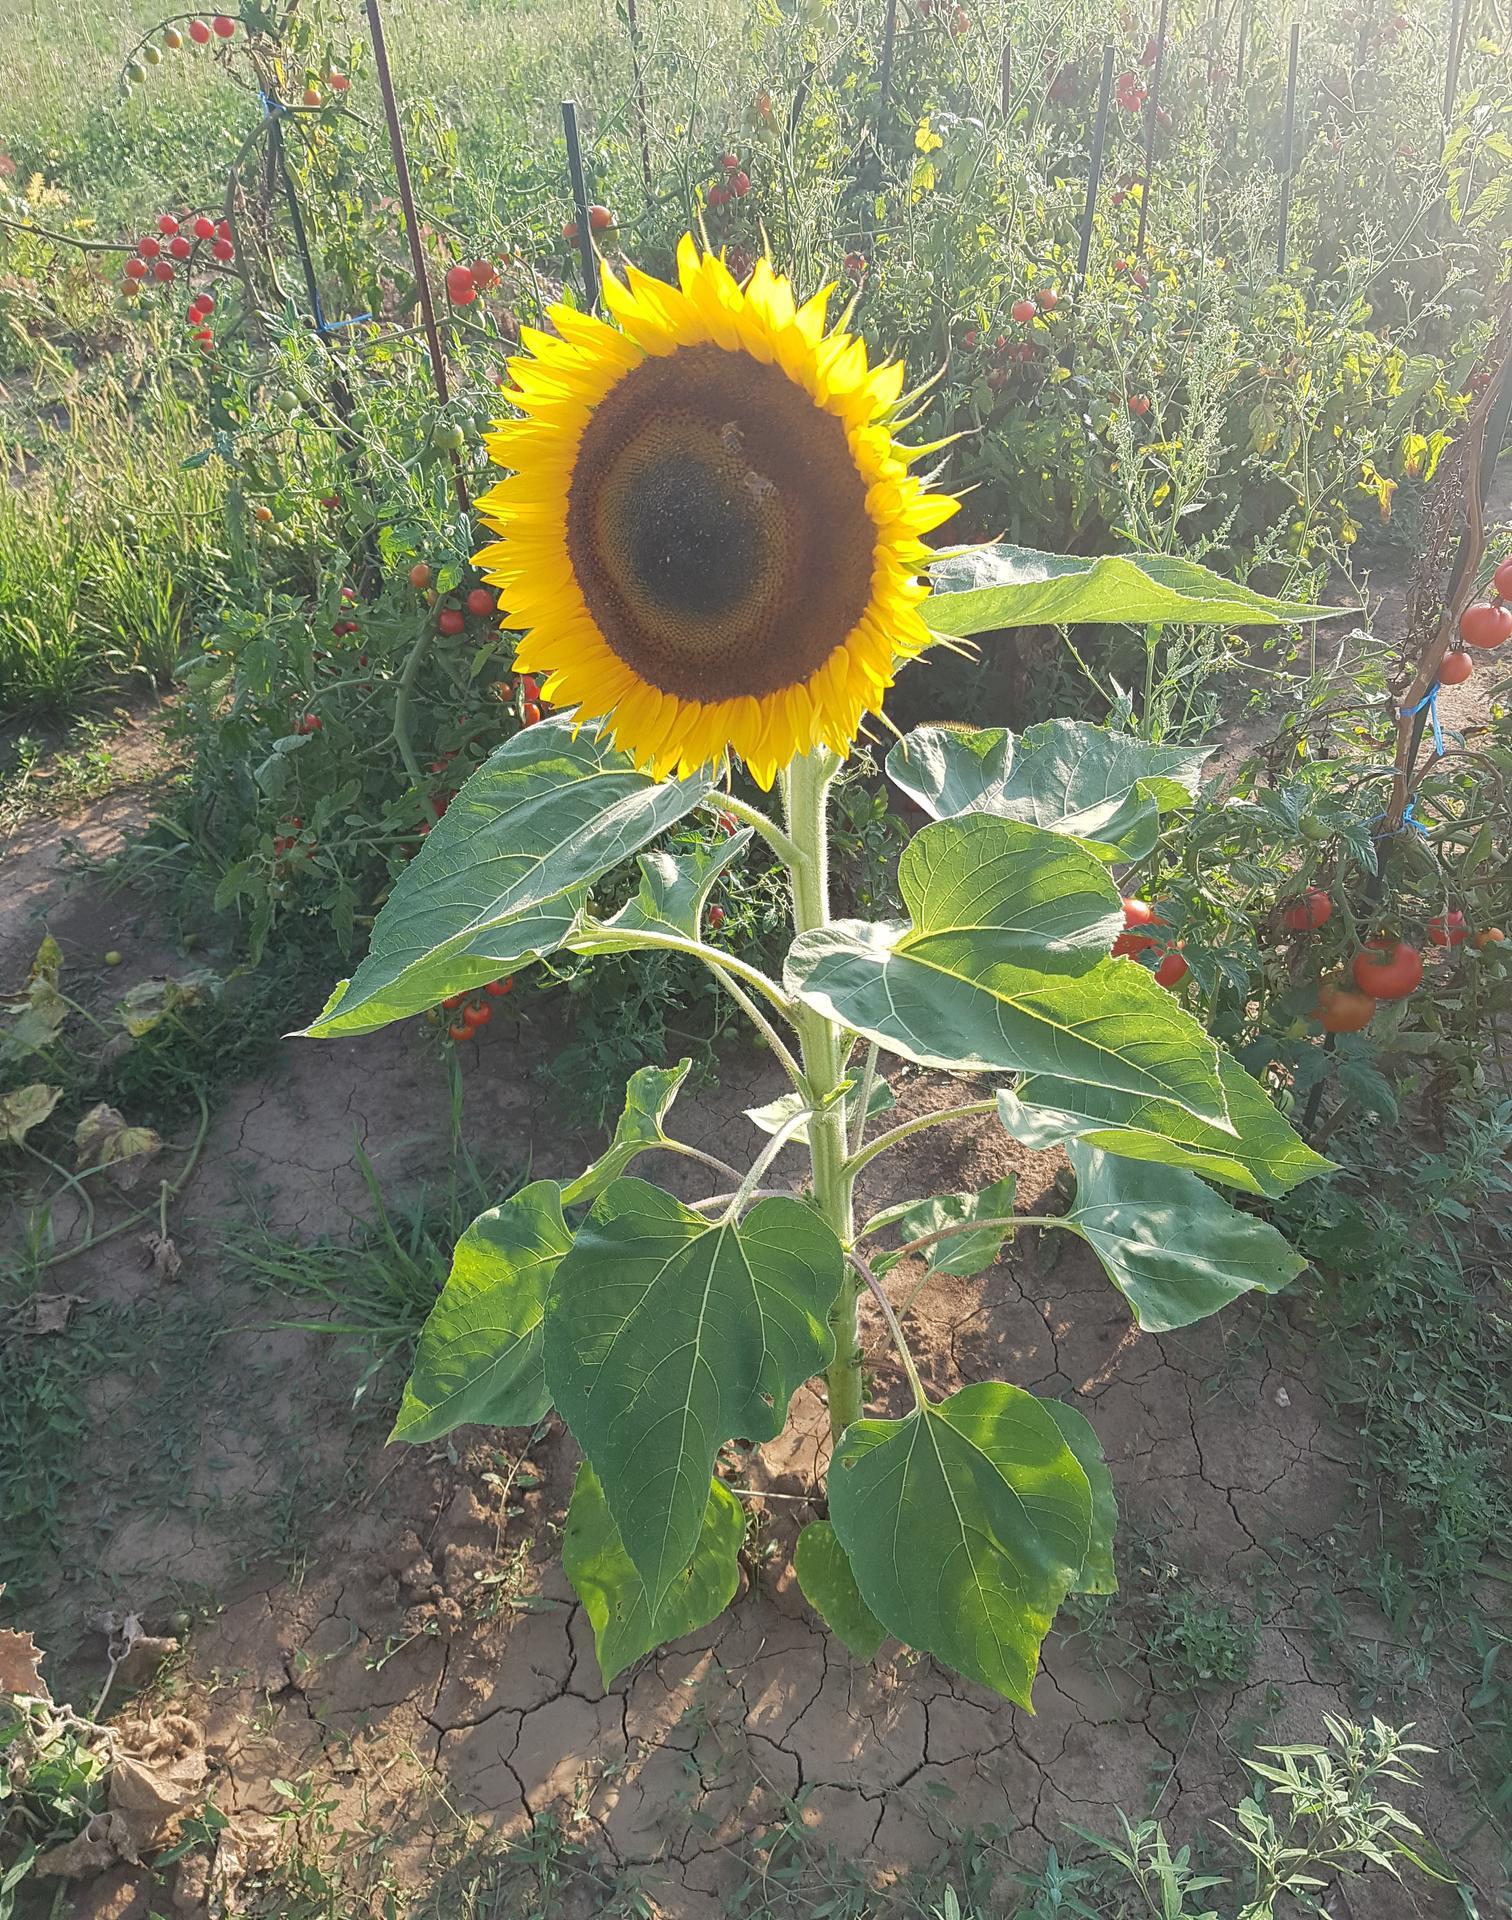 Moj rok v zahrade - Obrázok č. 12